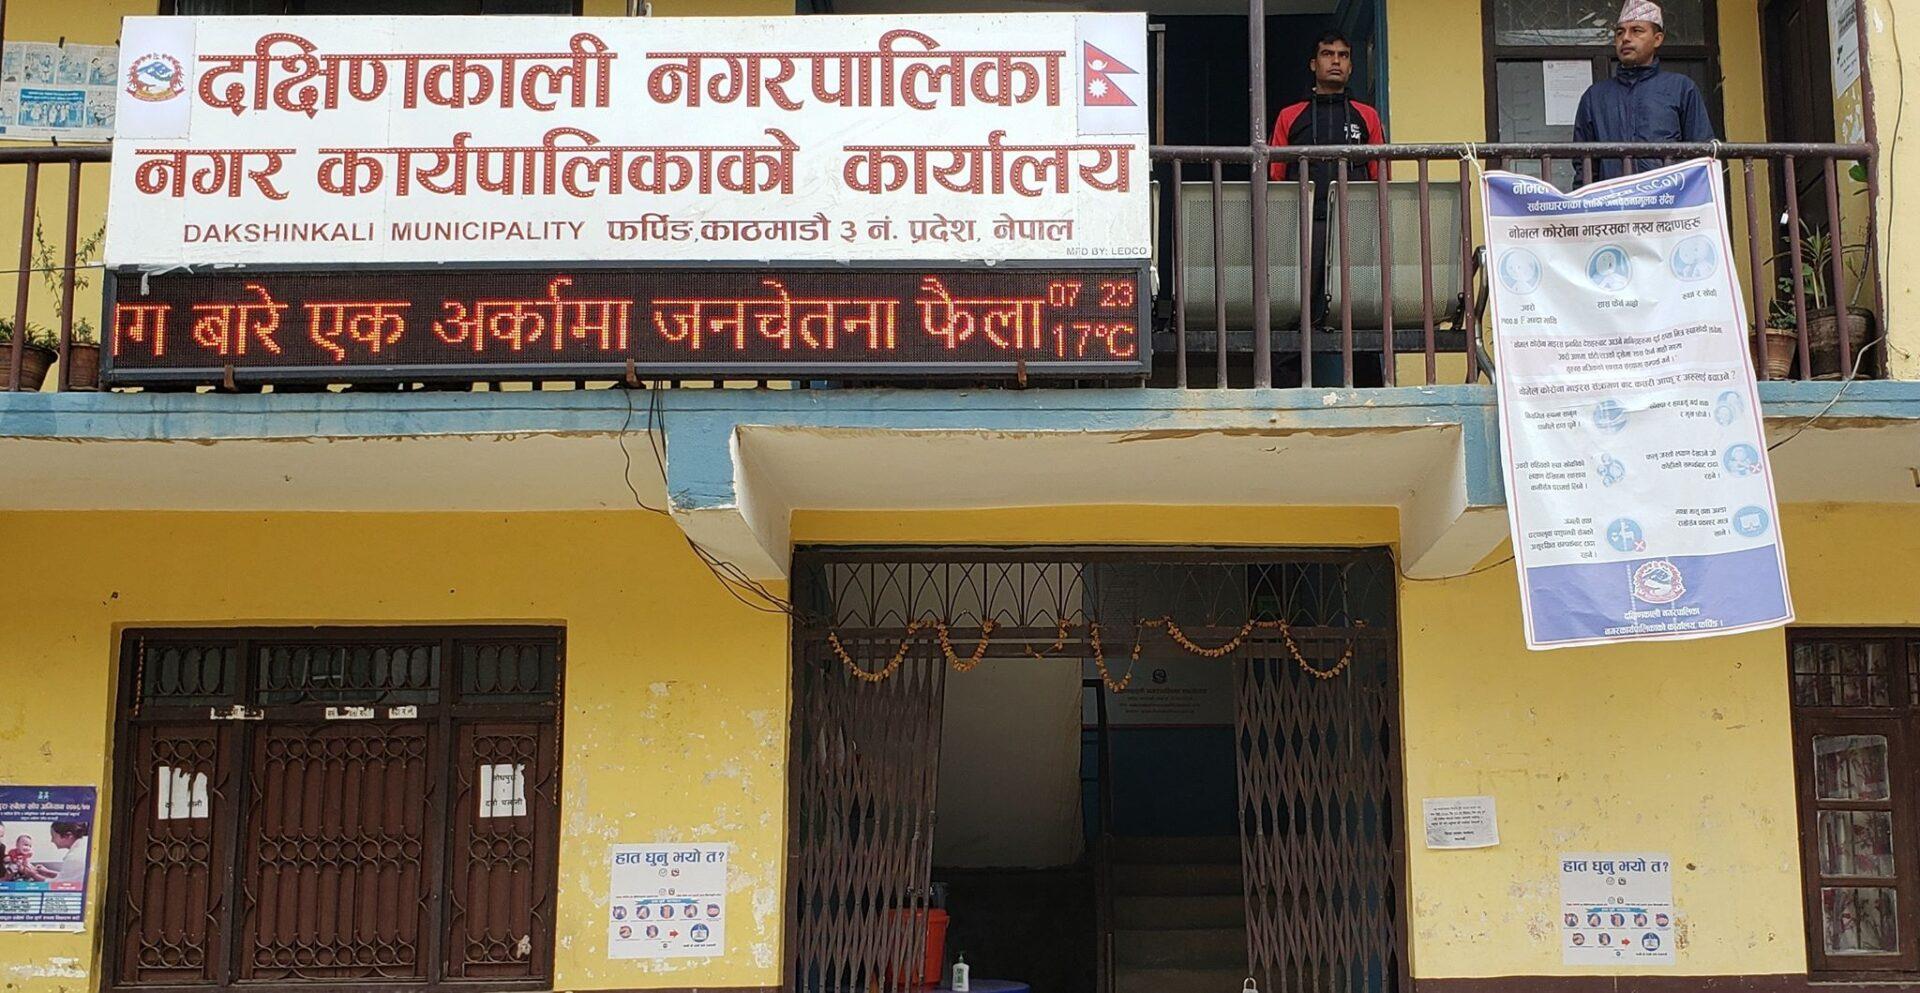 Dakshinkali Municipality Office Building